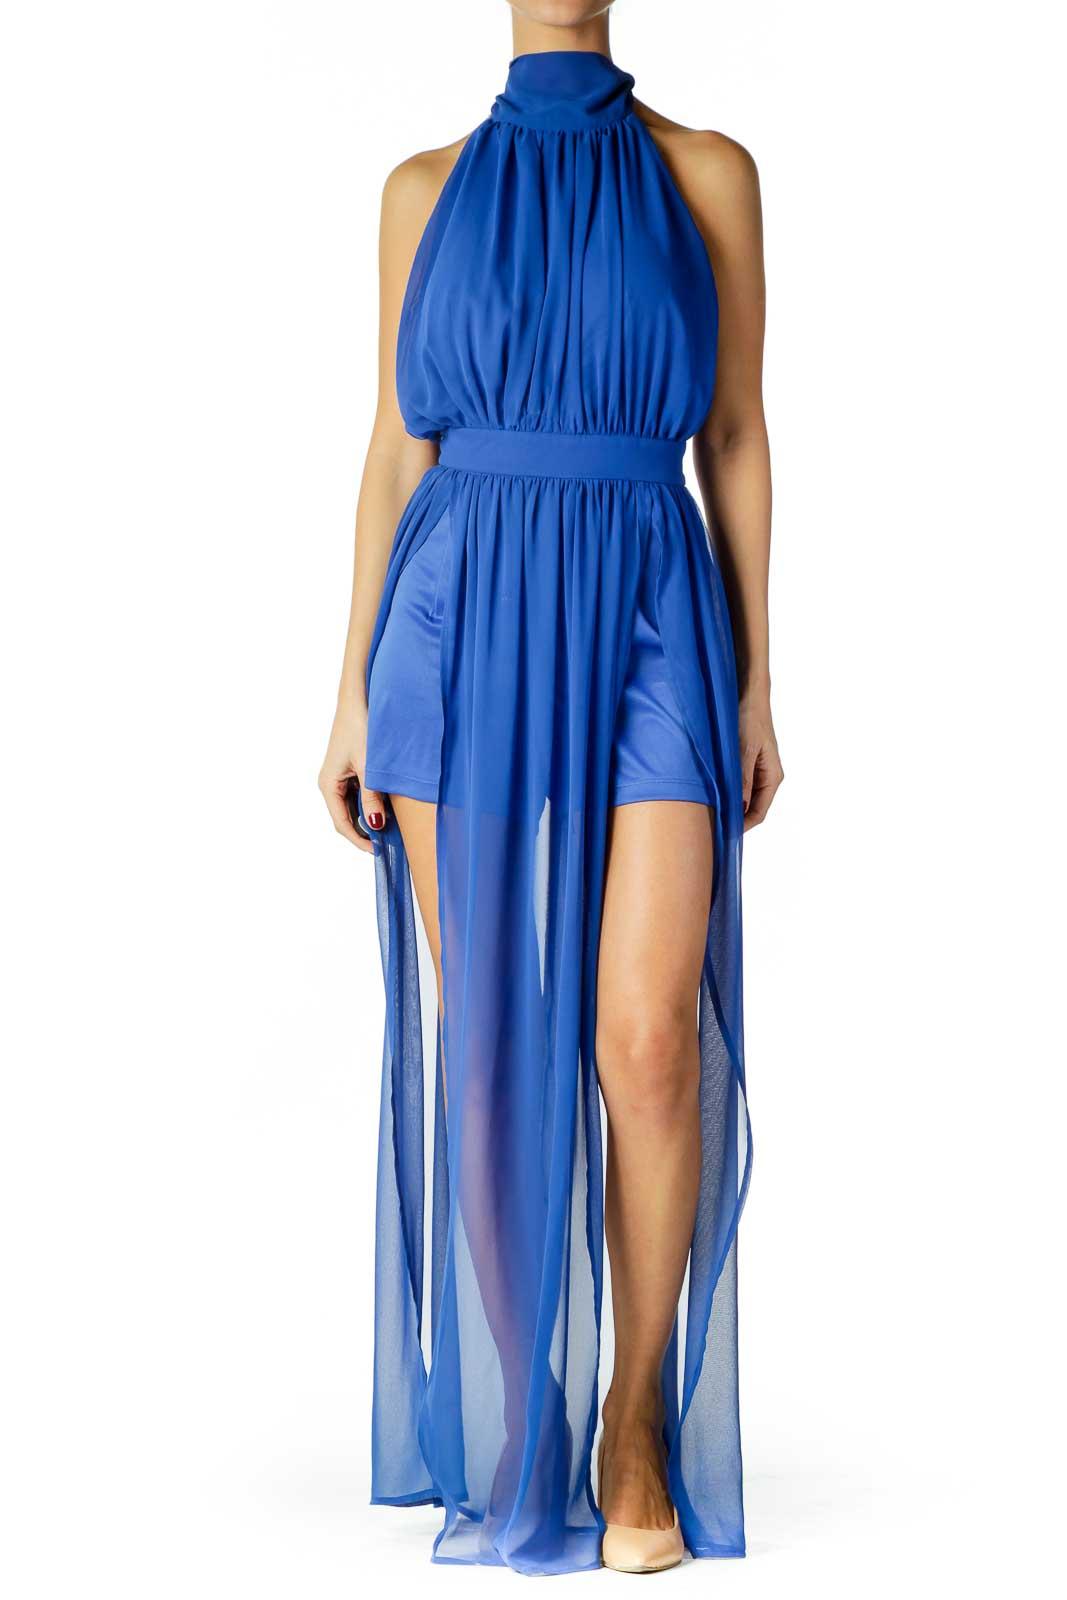 Blue Halter Sheer Dress Front